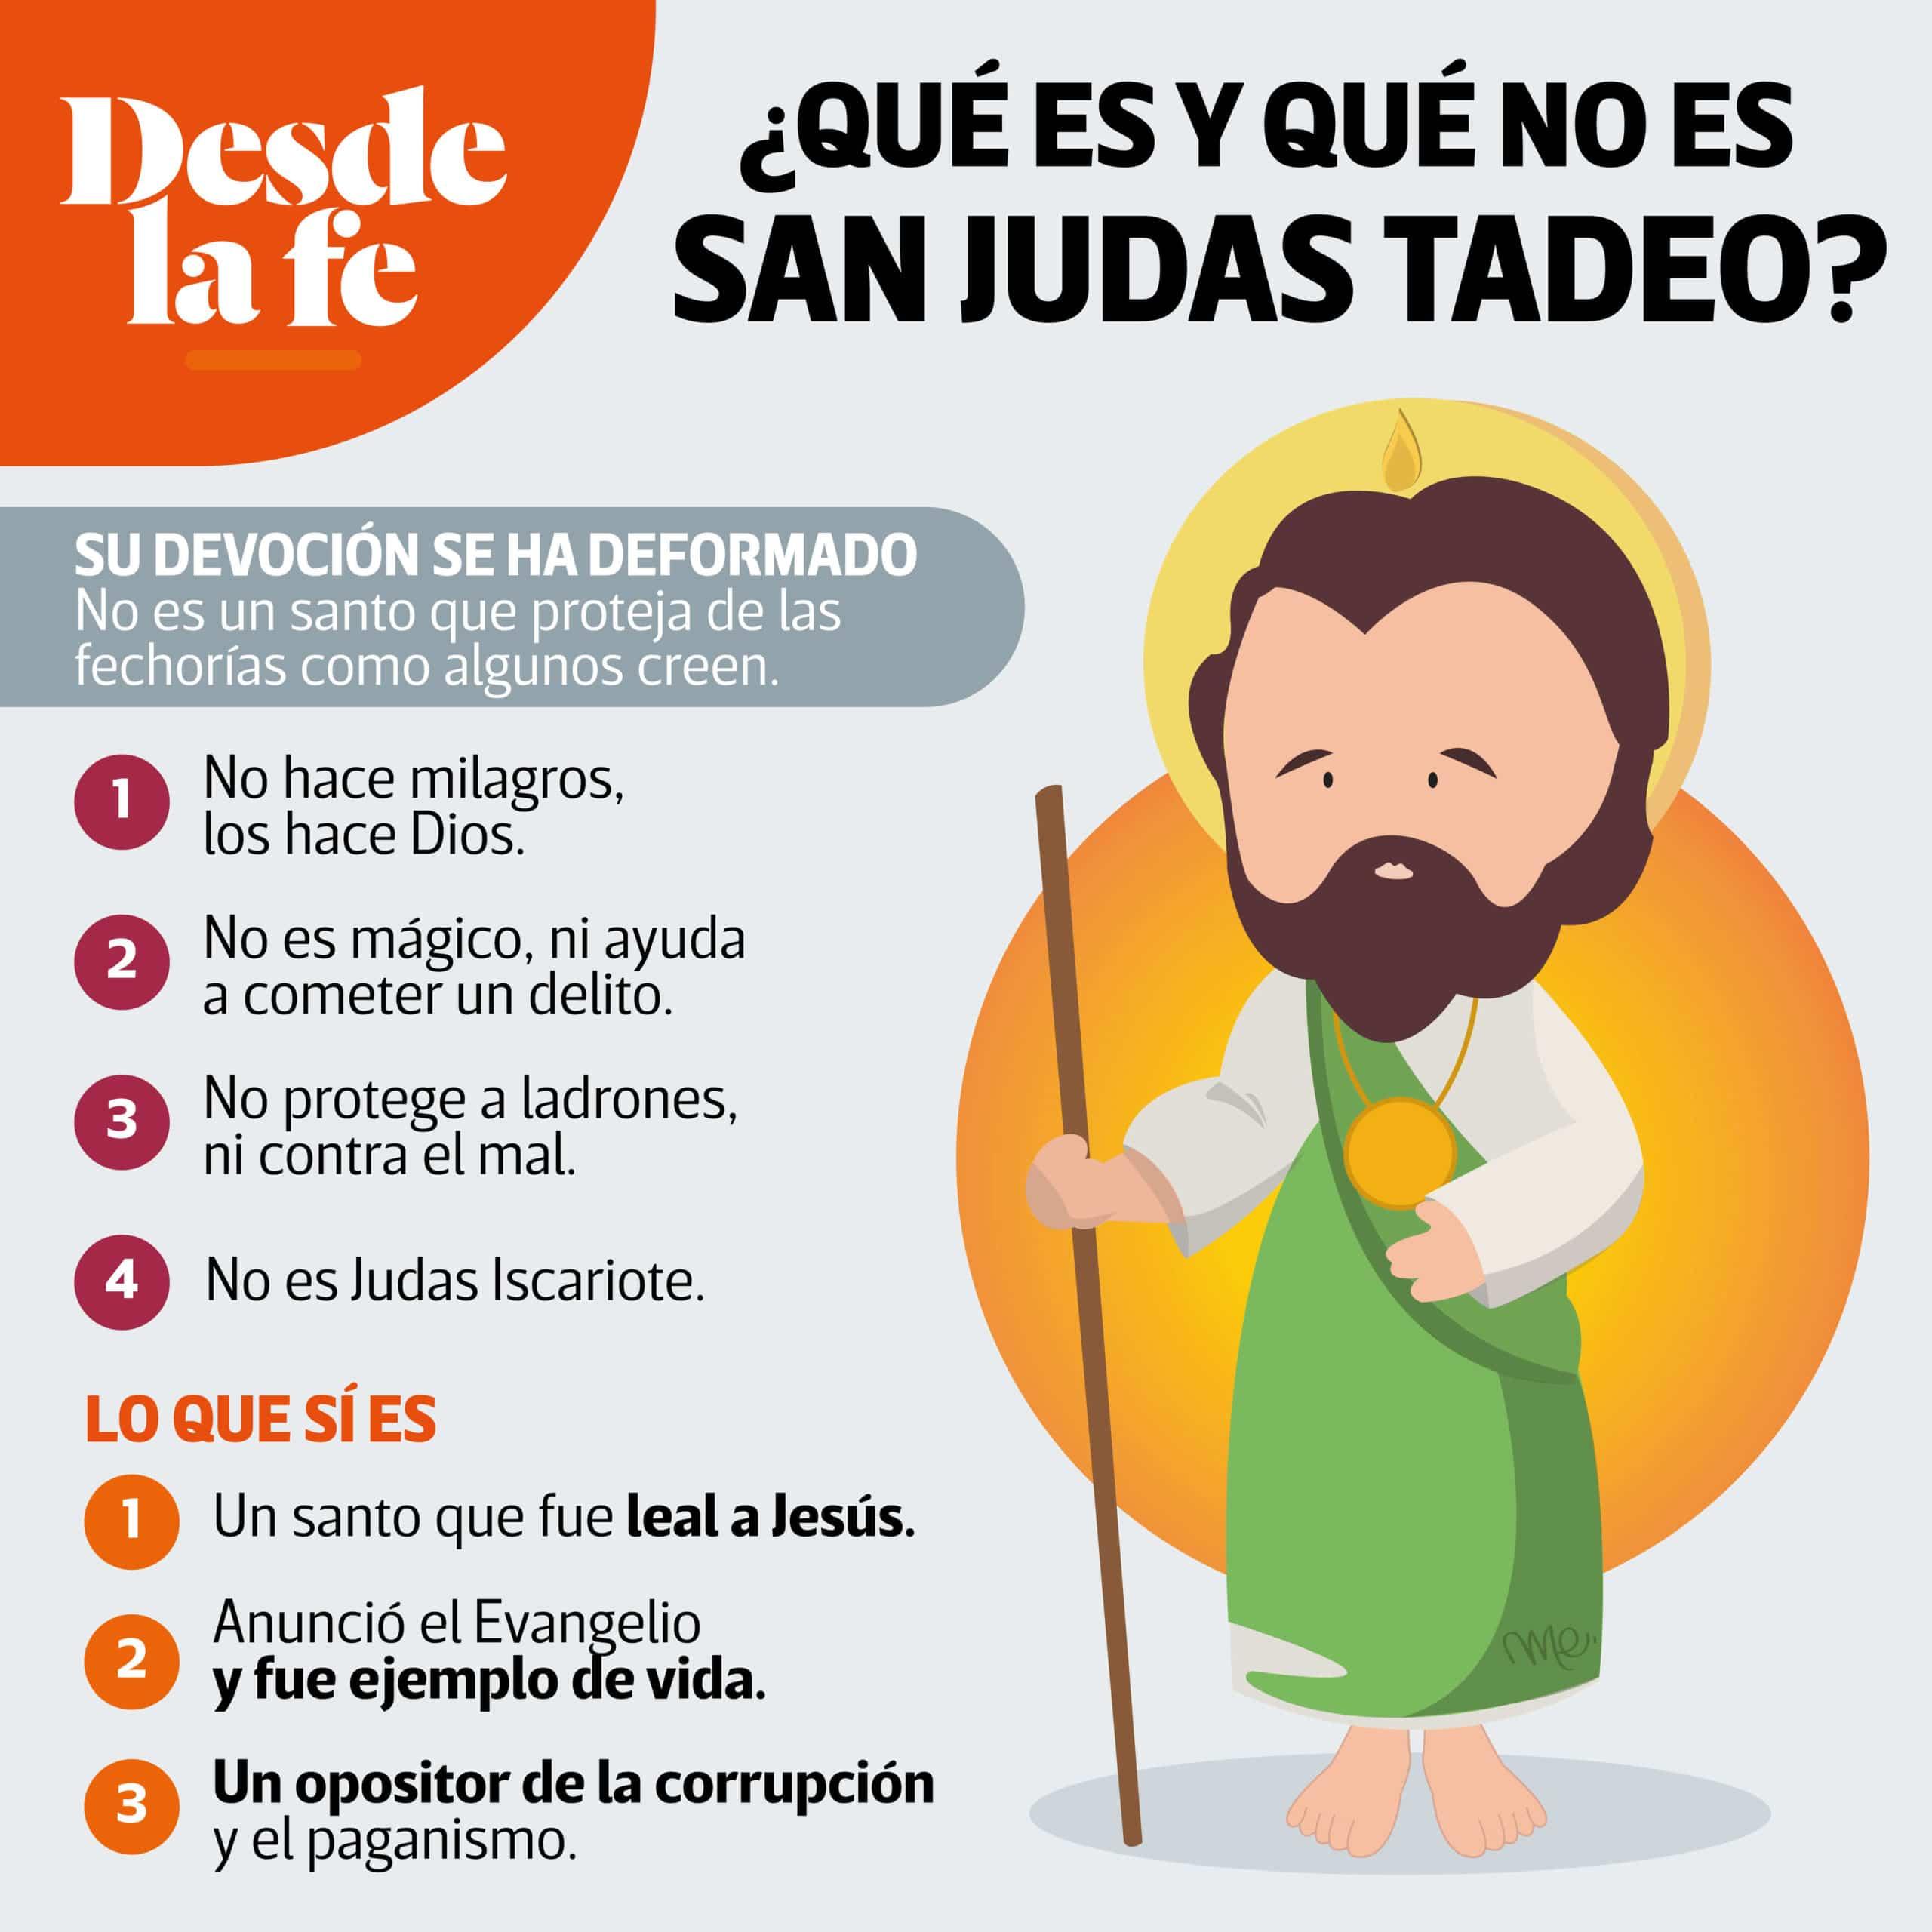 ¿Qué es y qué no es San Judas Tadeo?